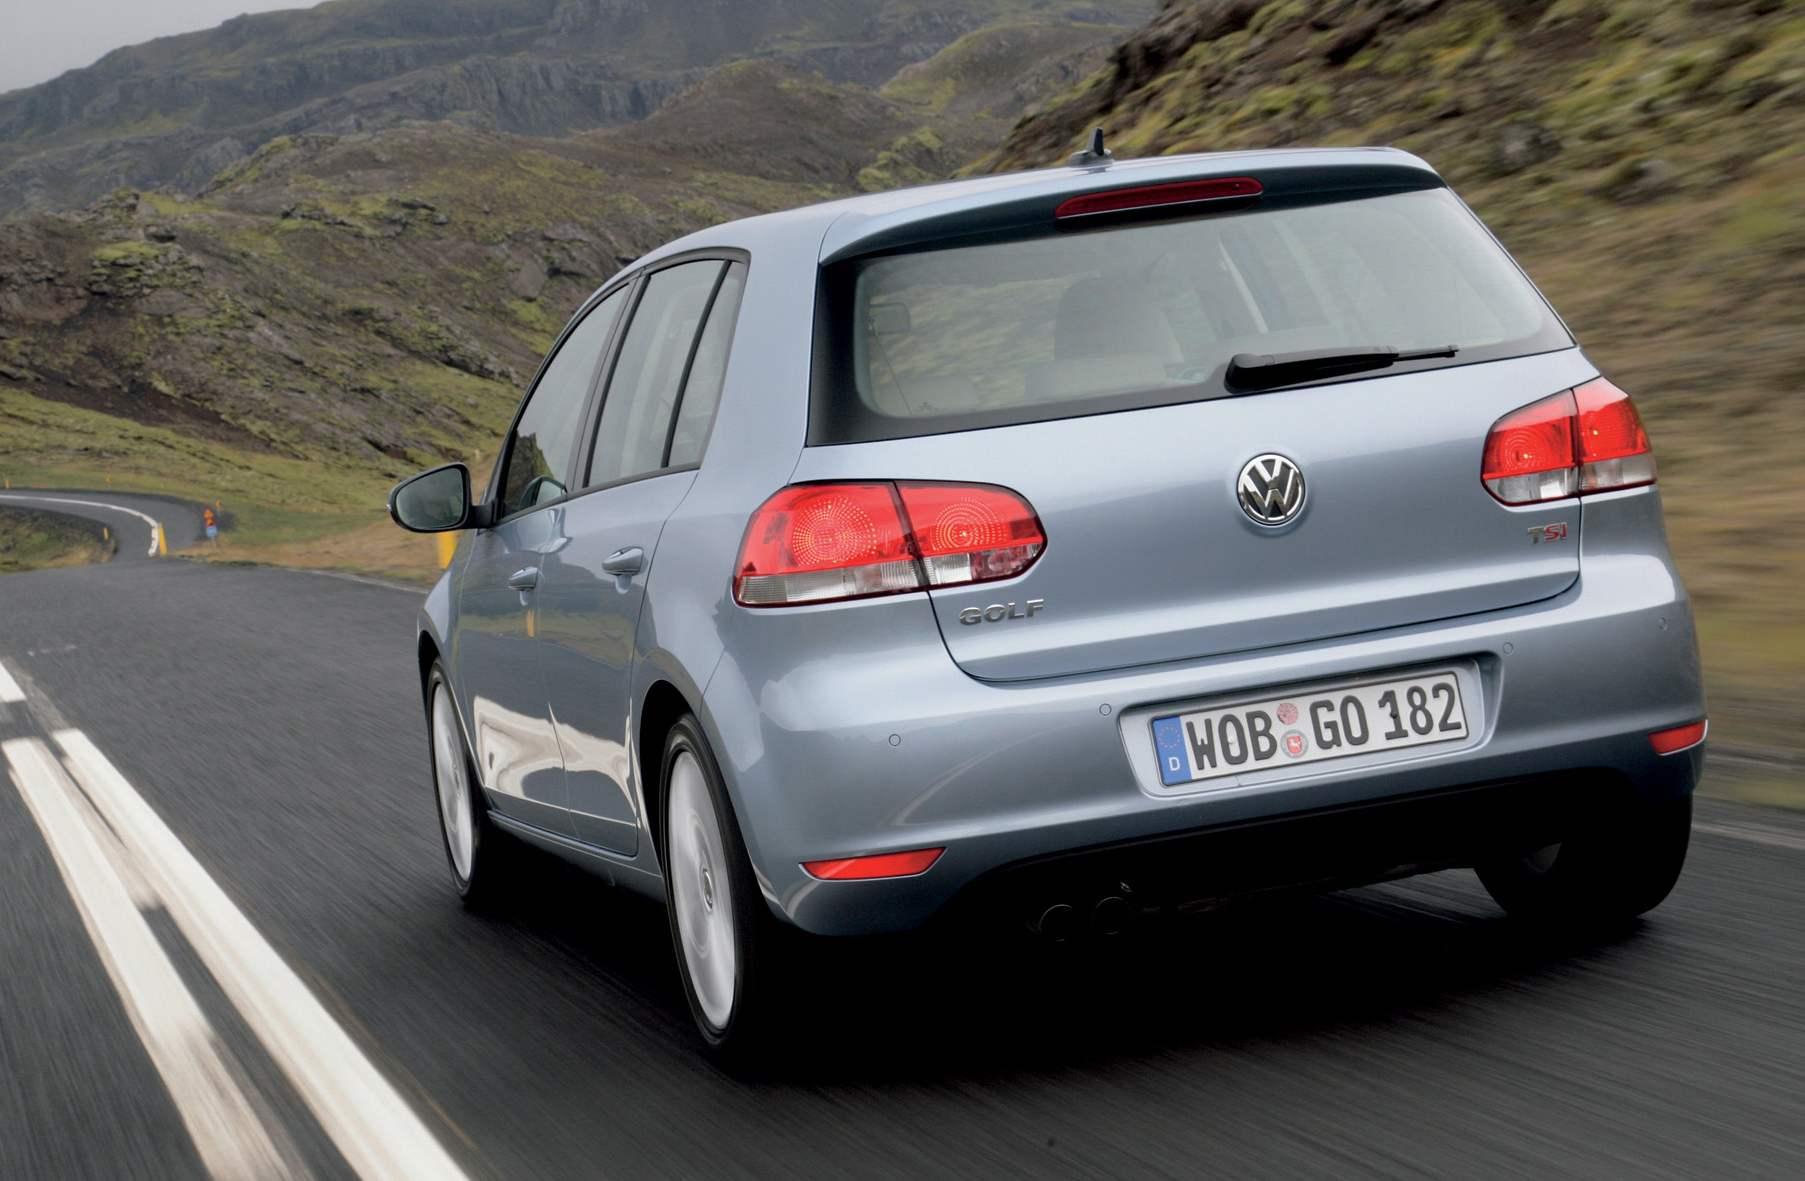 vw golf switzerland 2009 Vanhempi unohti lapsen päiväksi autoon   Löytyi kuolleena